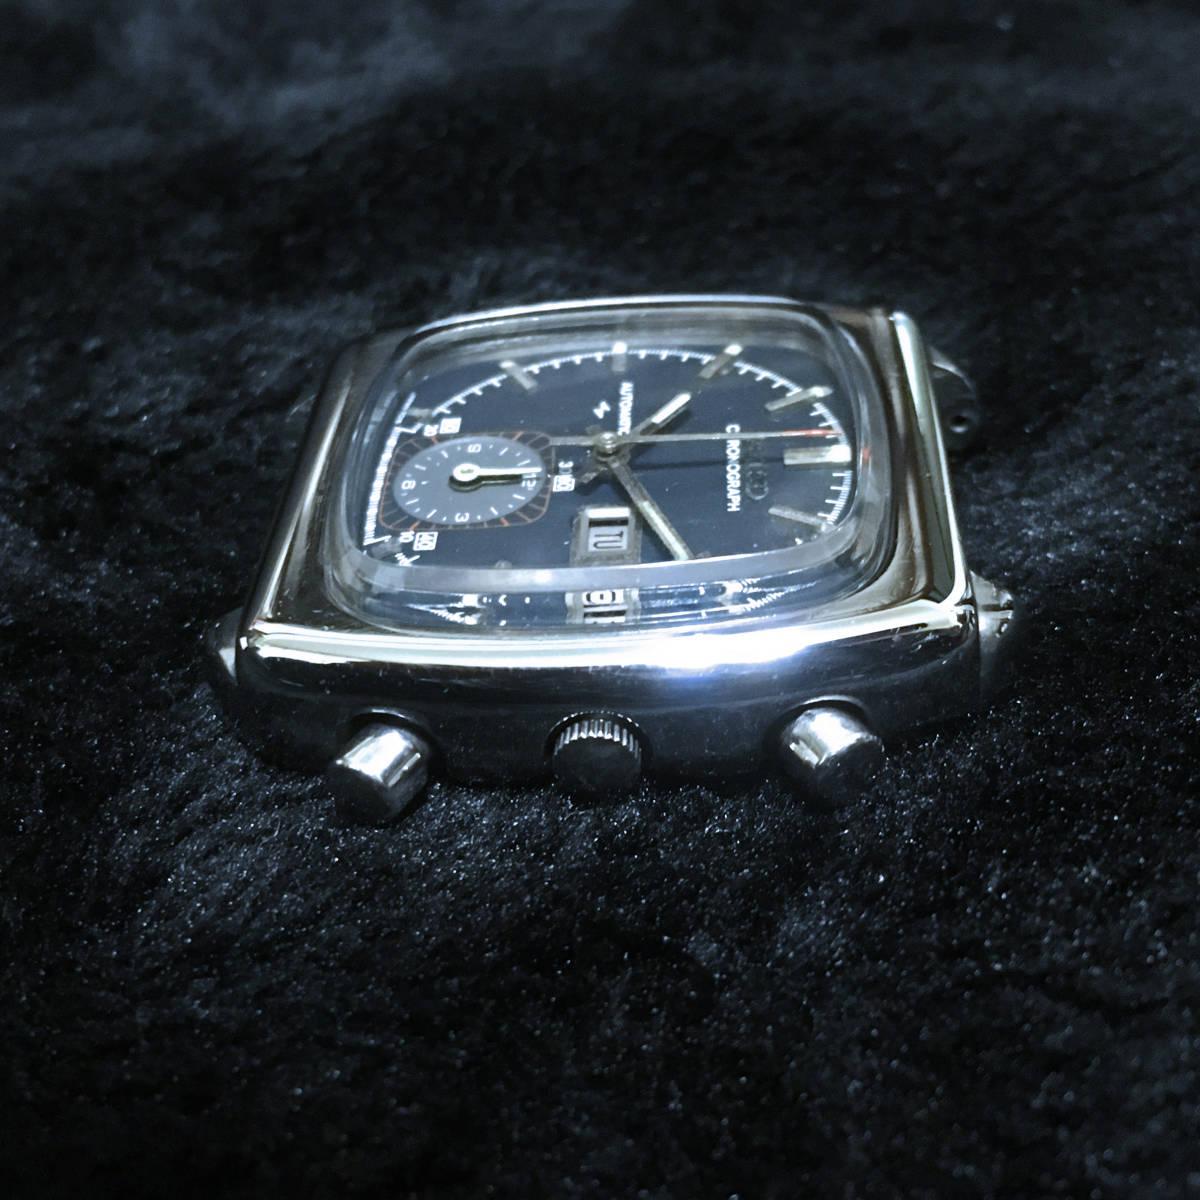 売切 美品 希少 動作品 SEIKO セイコー MONACO モナコ 7016-5001自動巻クロノグラフ 約20年未稼働 輸出専用モデル ビンテージ アンティーク_画像4